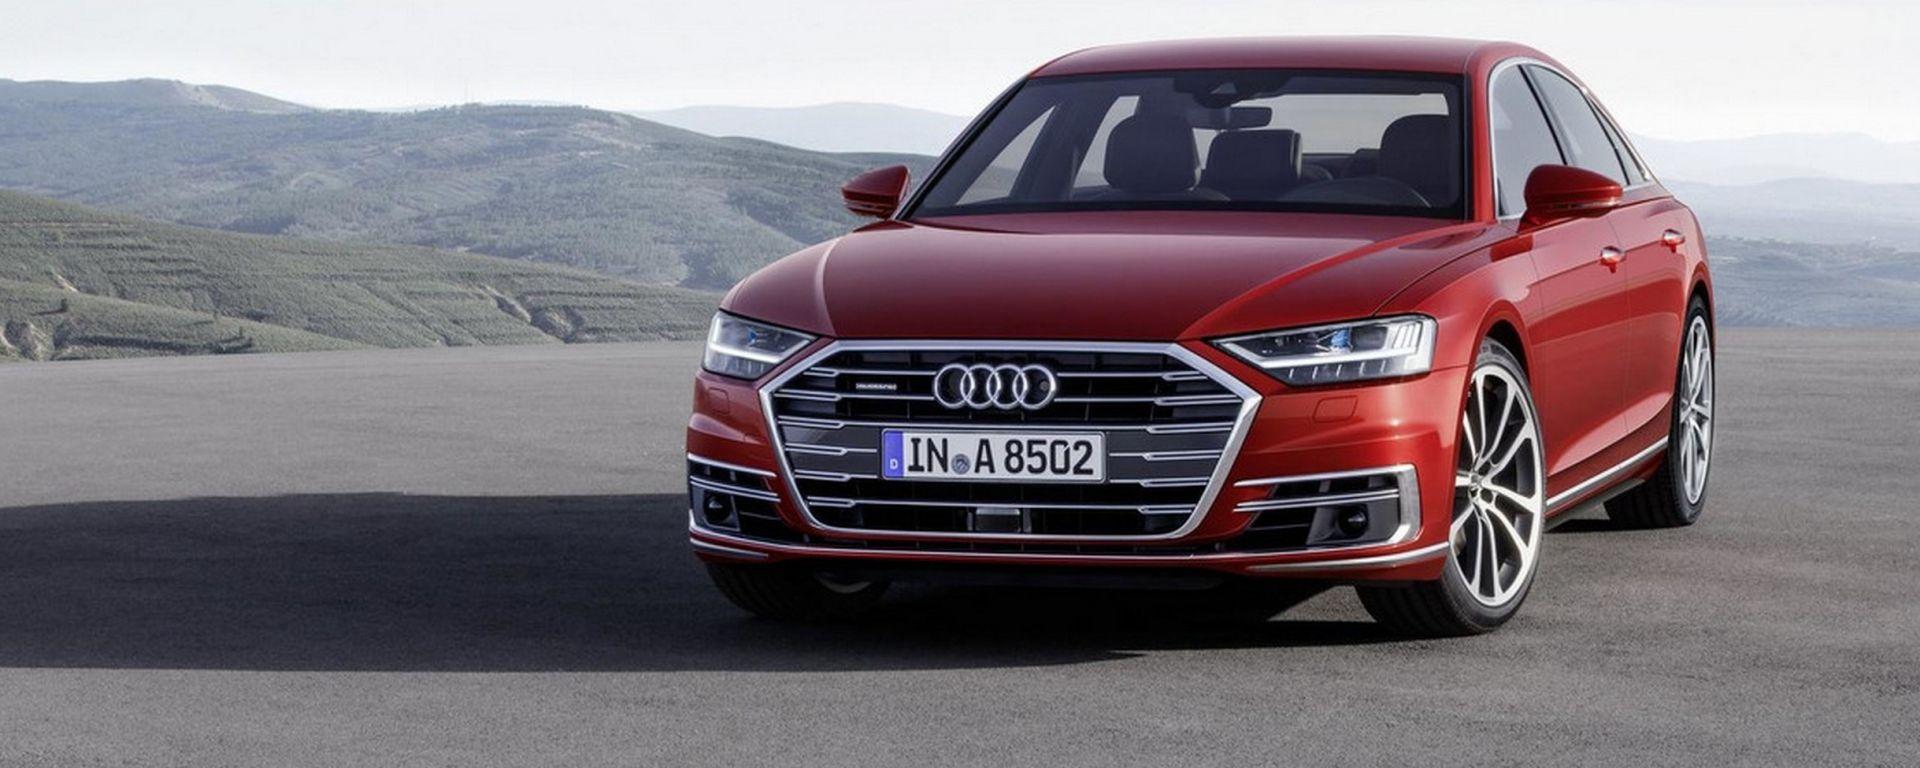 """Audi potrebbe abbandonare il design """"ripetitivo"""""""